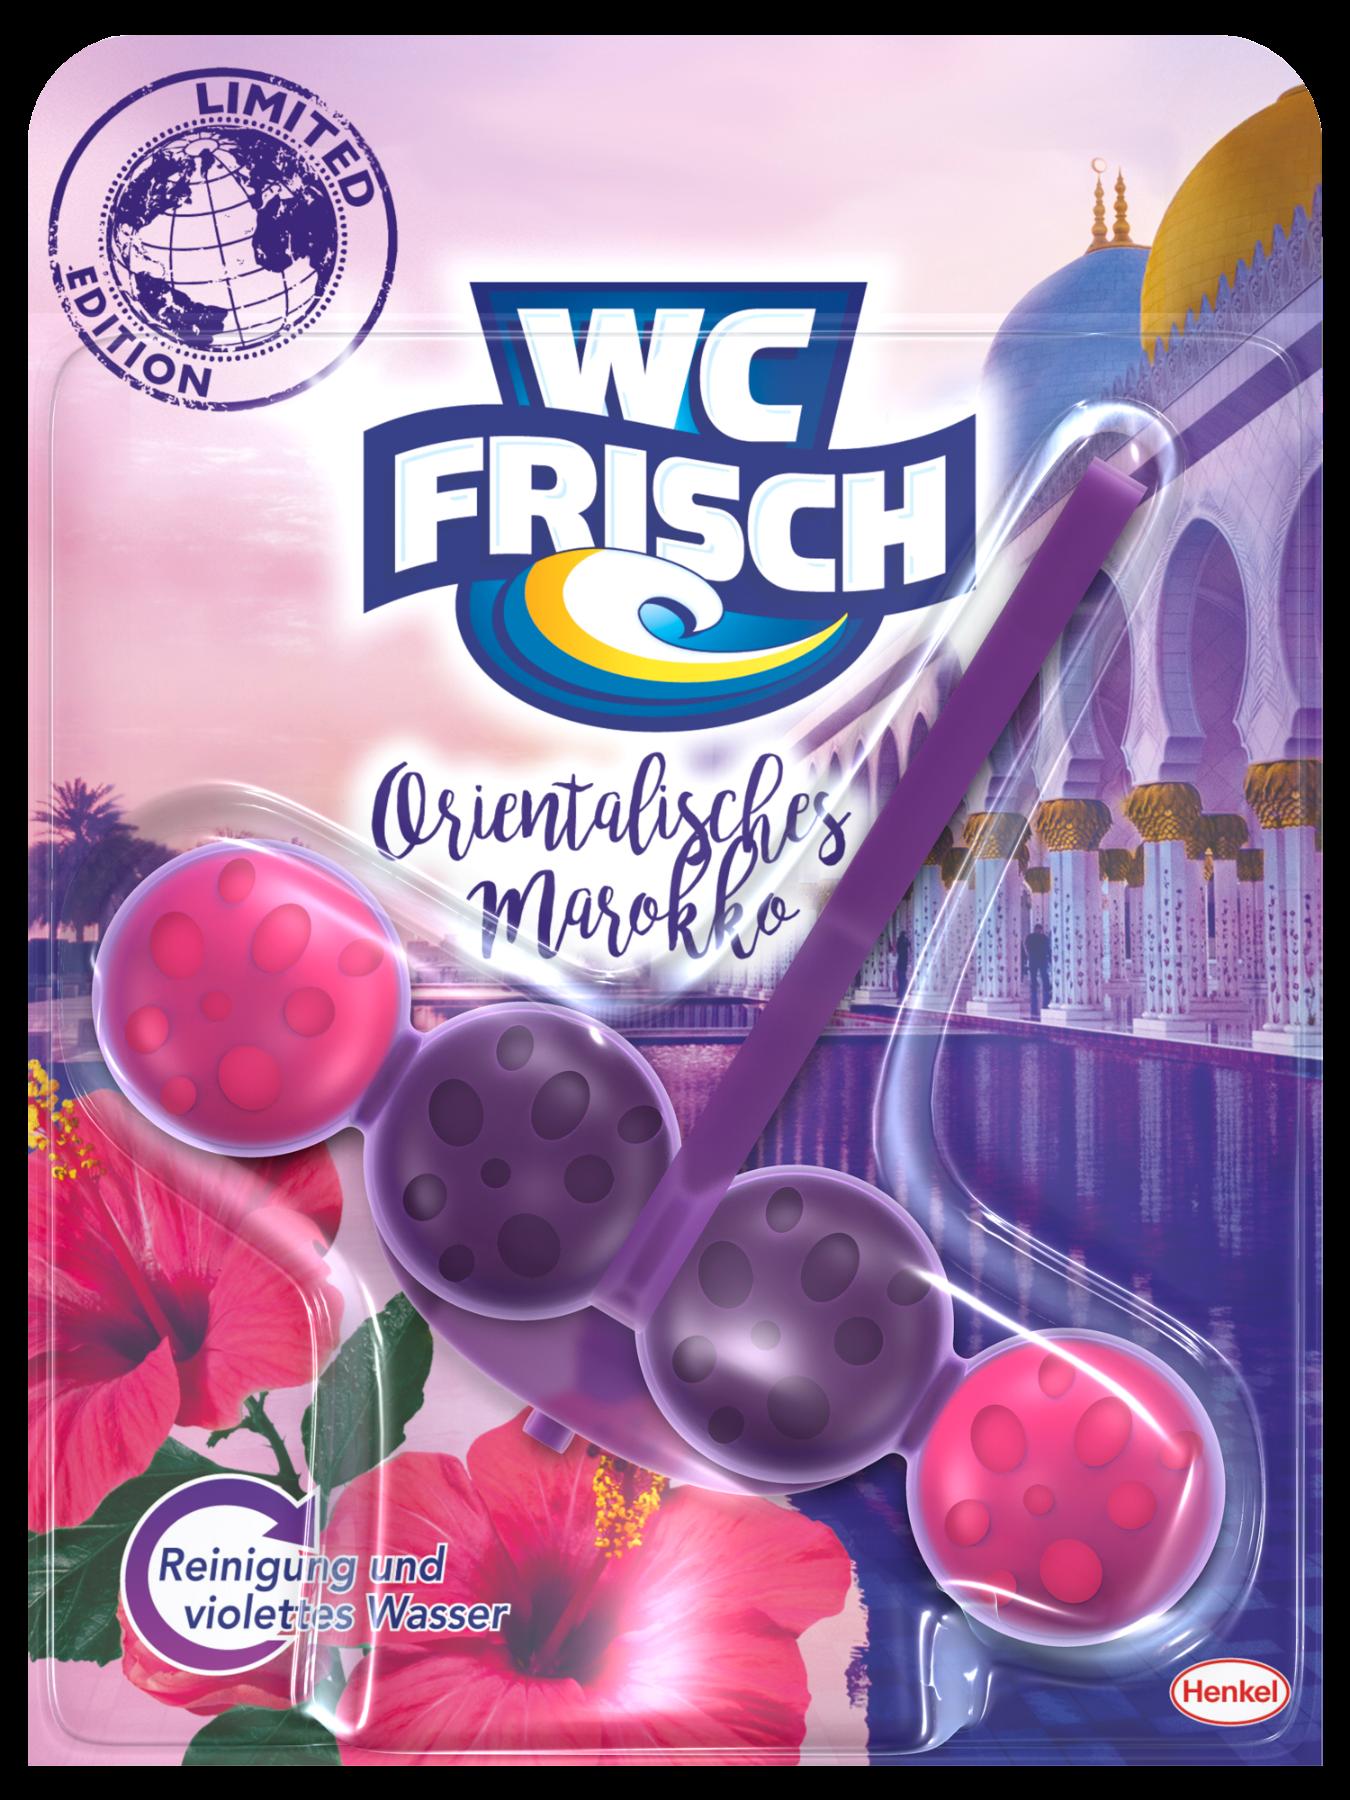 Die neue WC Frisch Limited Edition mit der Version Orientalisches Marokko